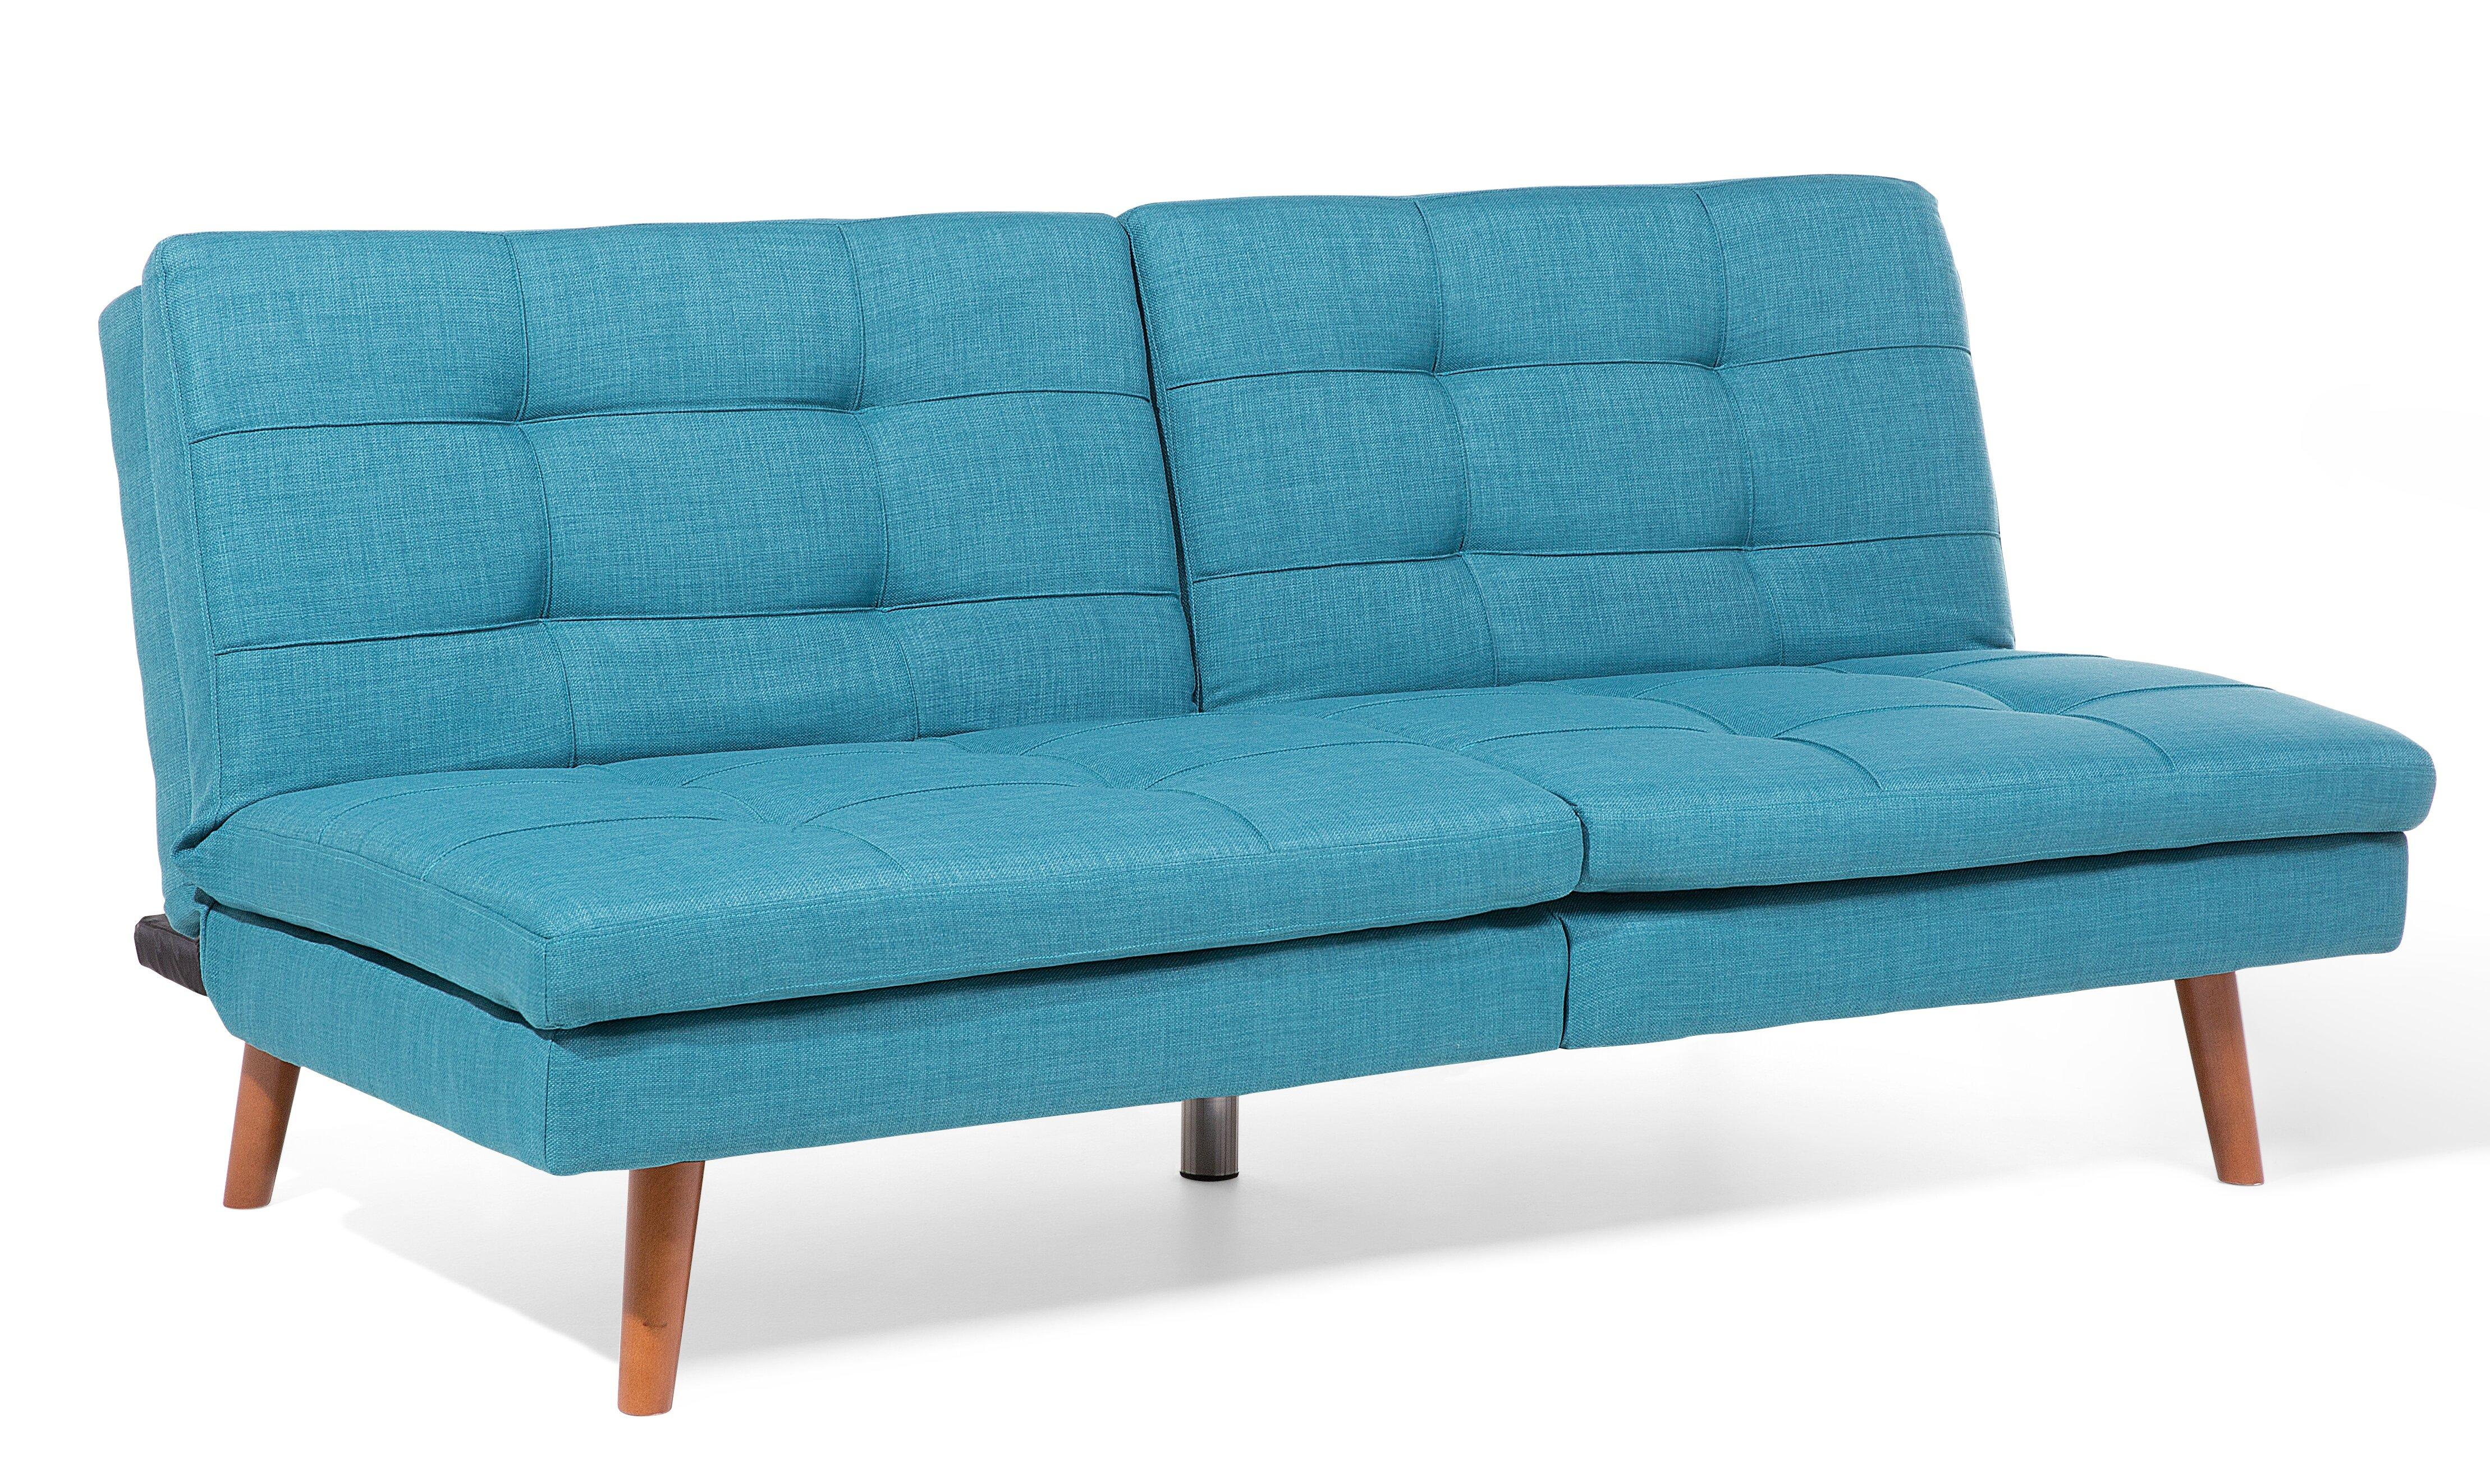 Aislinn 3 Seater Clic Clac Sofa Bed